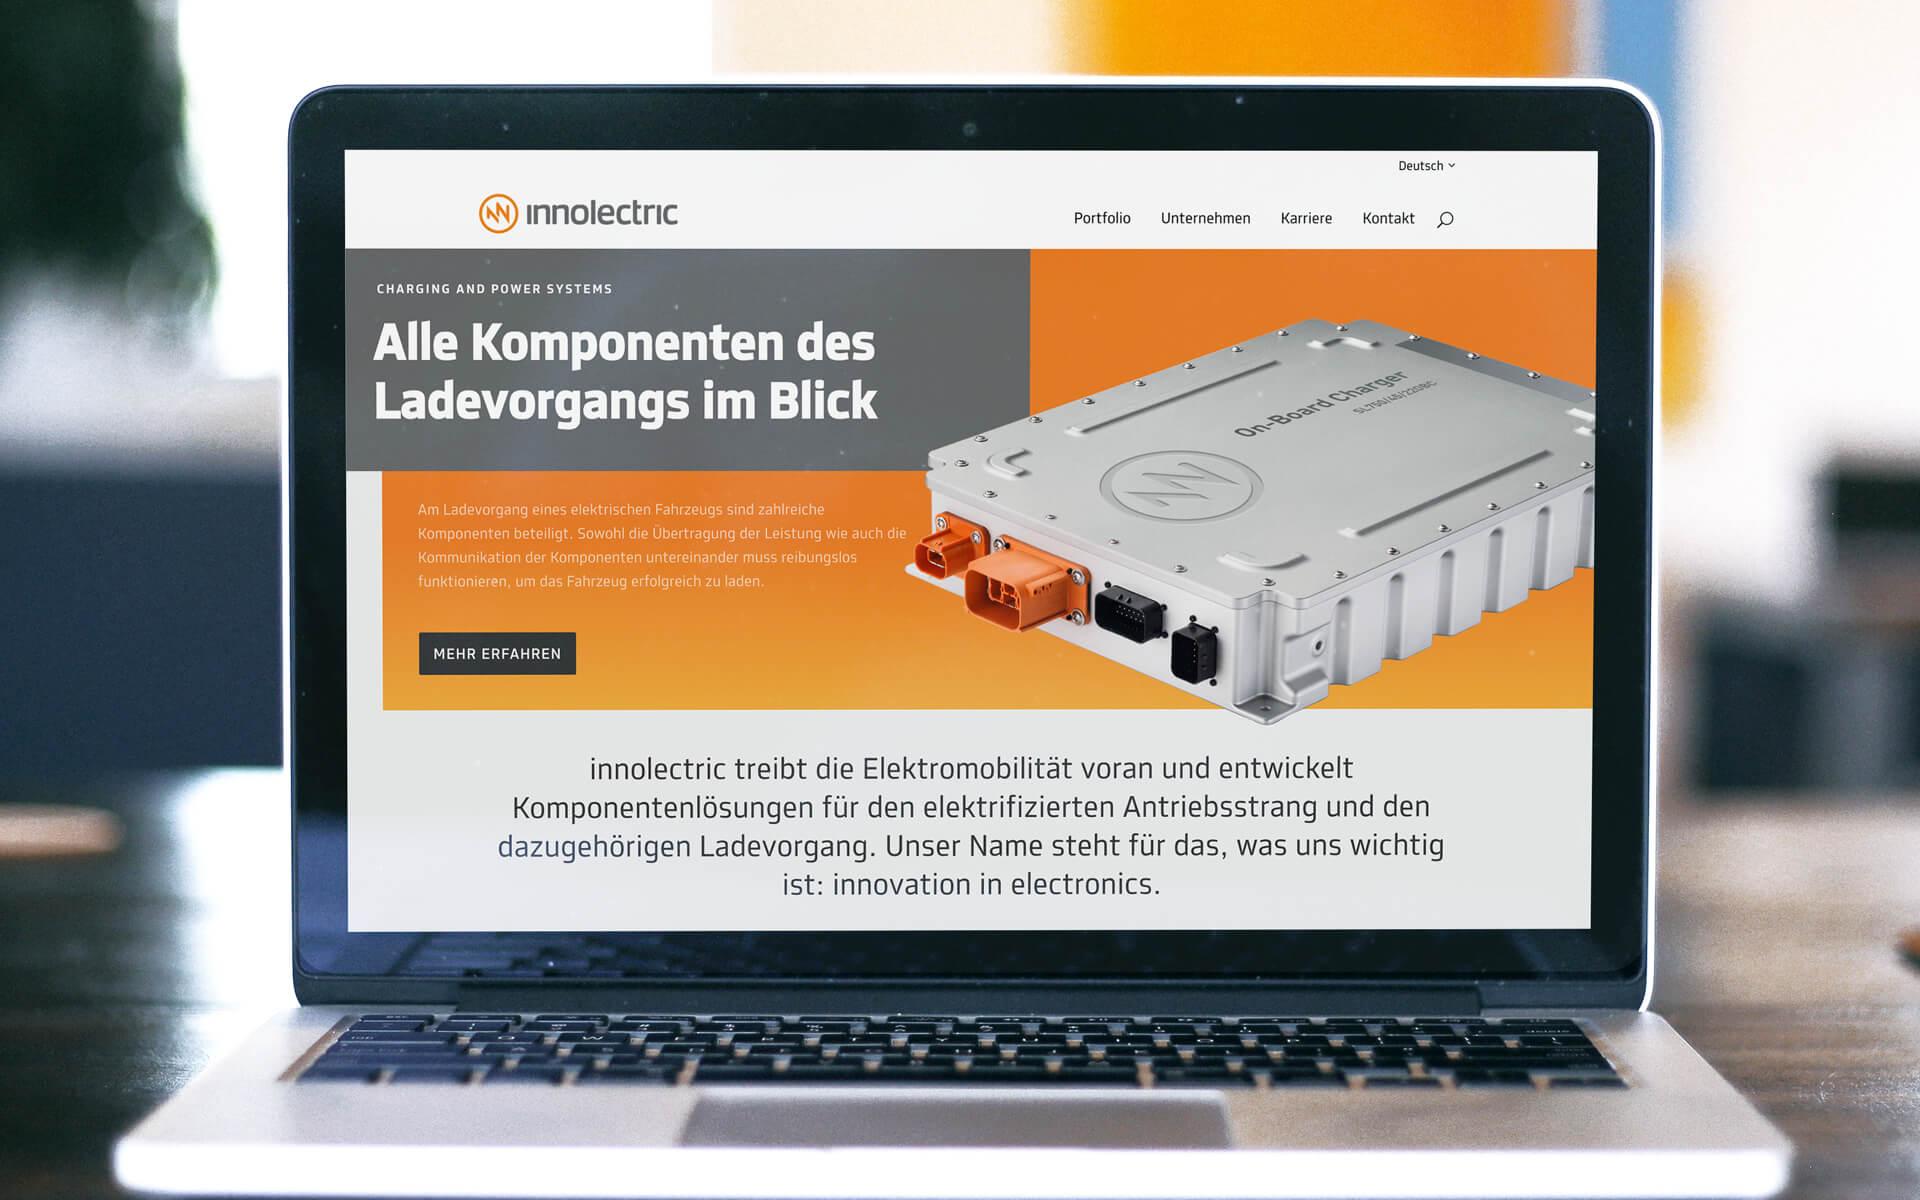 innolectric Corporate Design, Website, Startseite